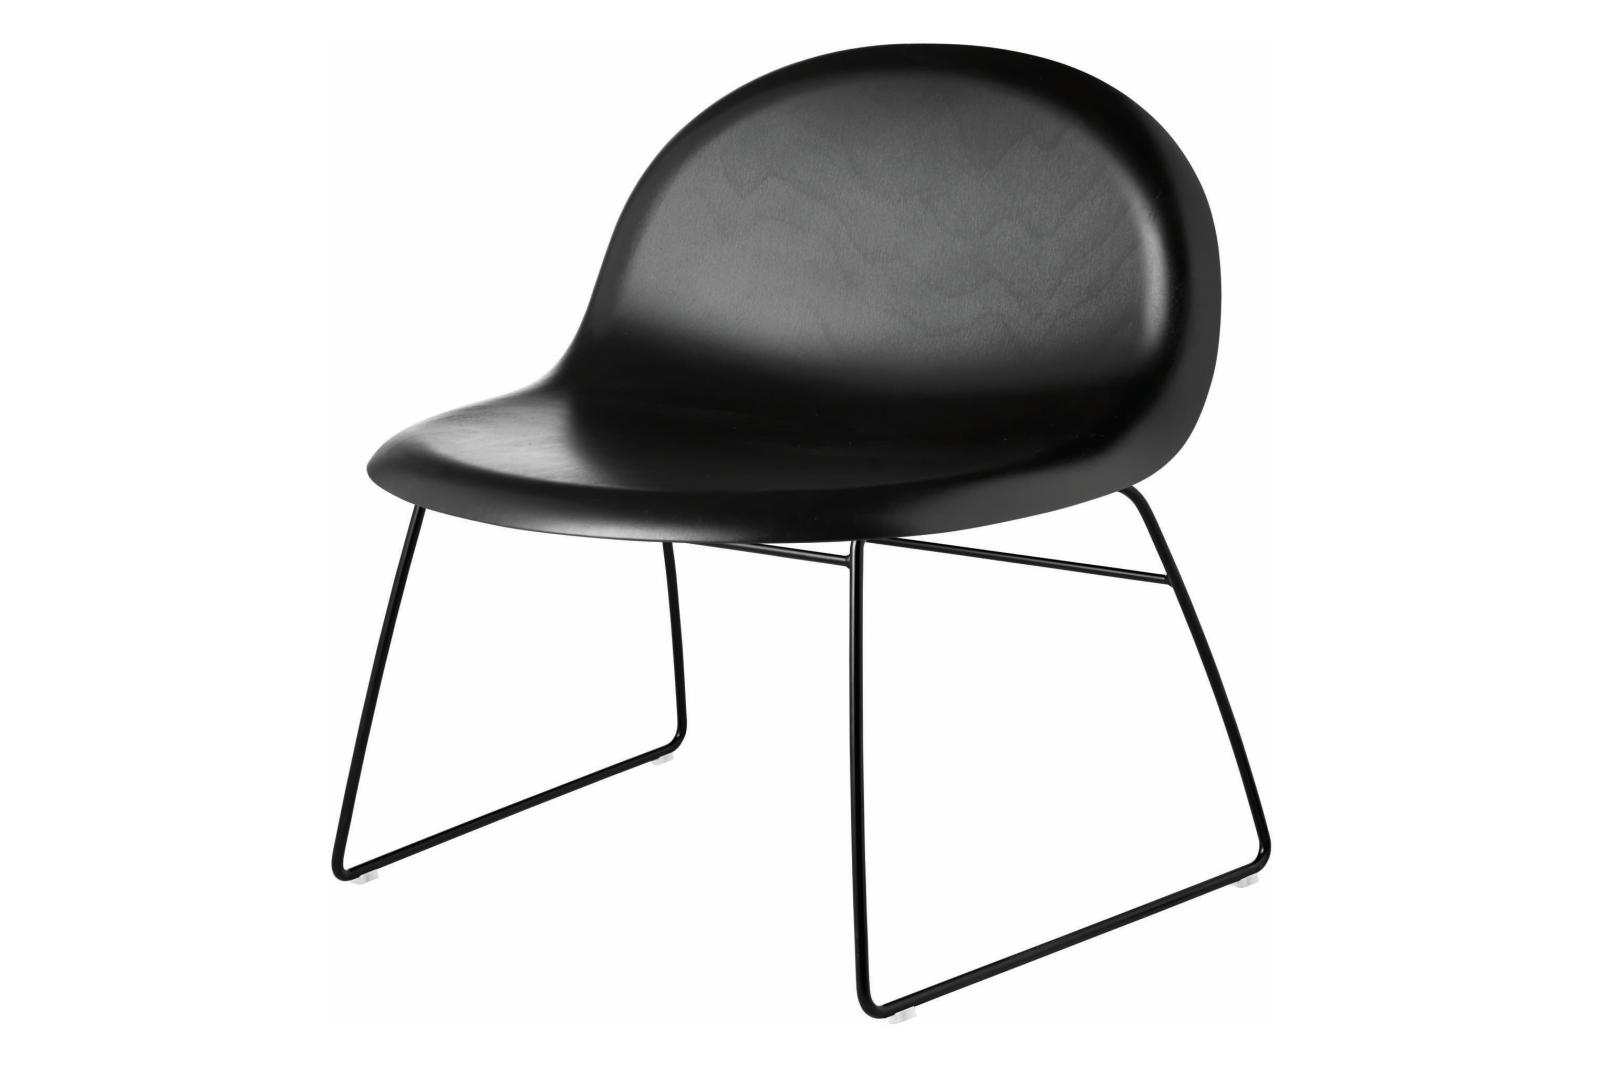 Gubi 3D Lounge Chair Sledge Base - Unupholstered Gubi Wood Black Stained Beech, Gubi Metal Black